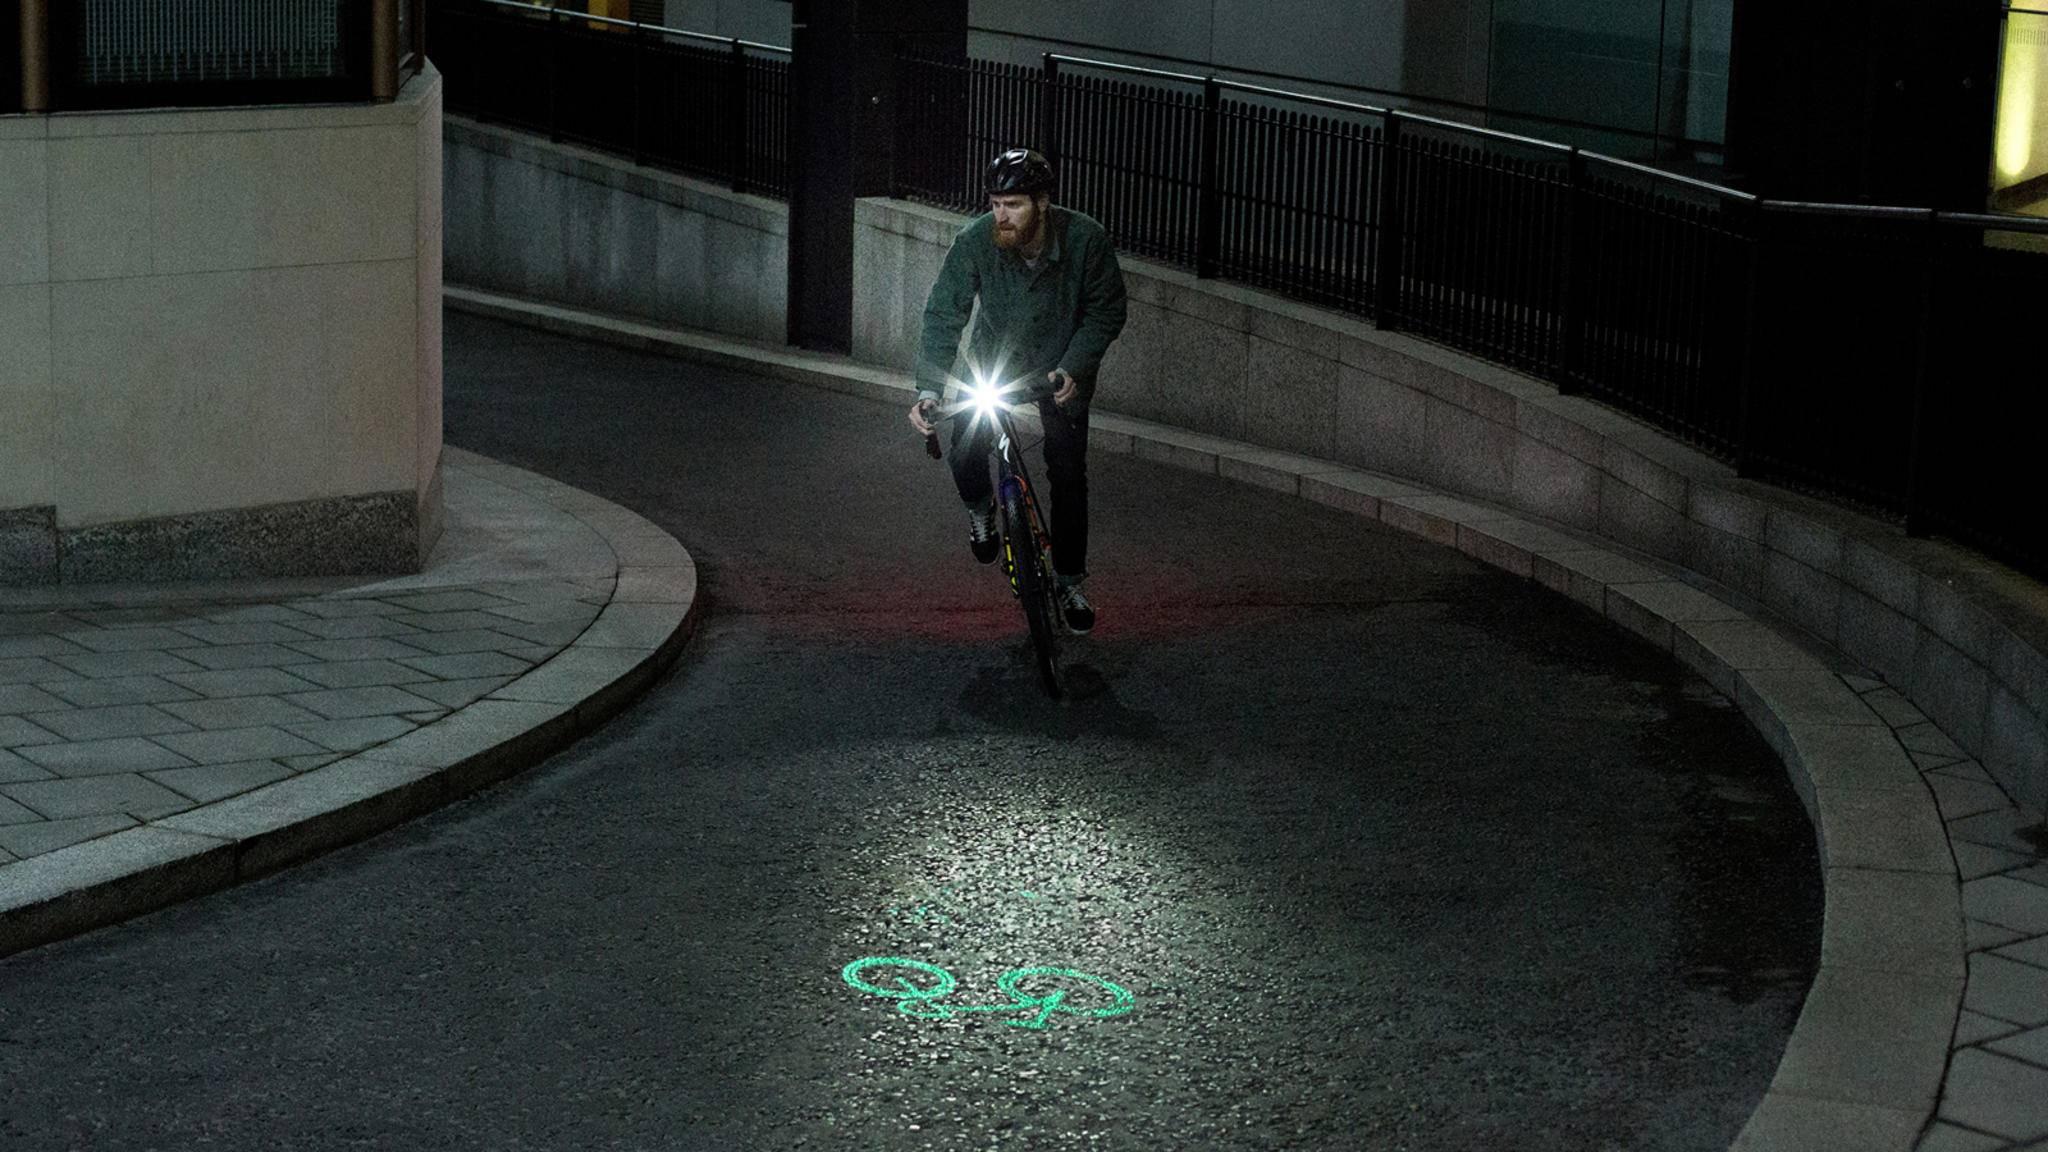 Mit dem Fahrradlicht Laserlight Core werden Radler schon Meter im Voraus gesehen.